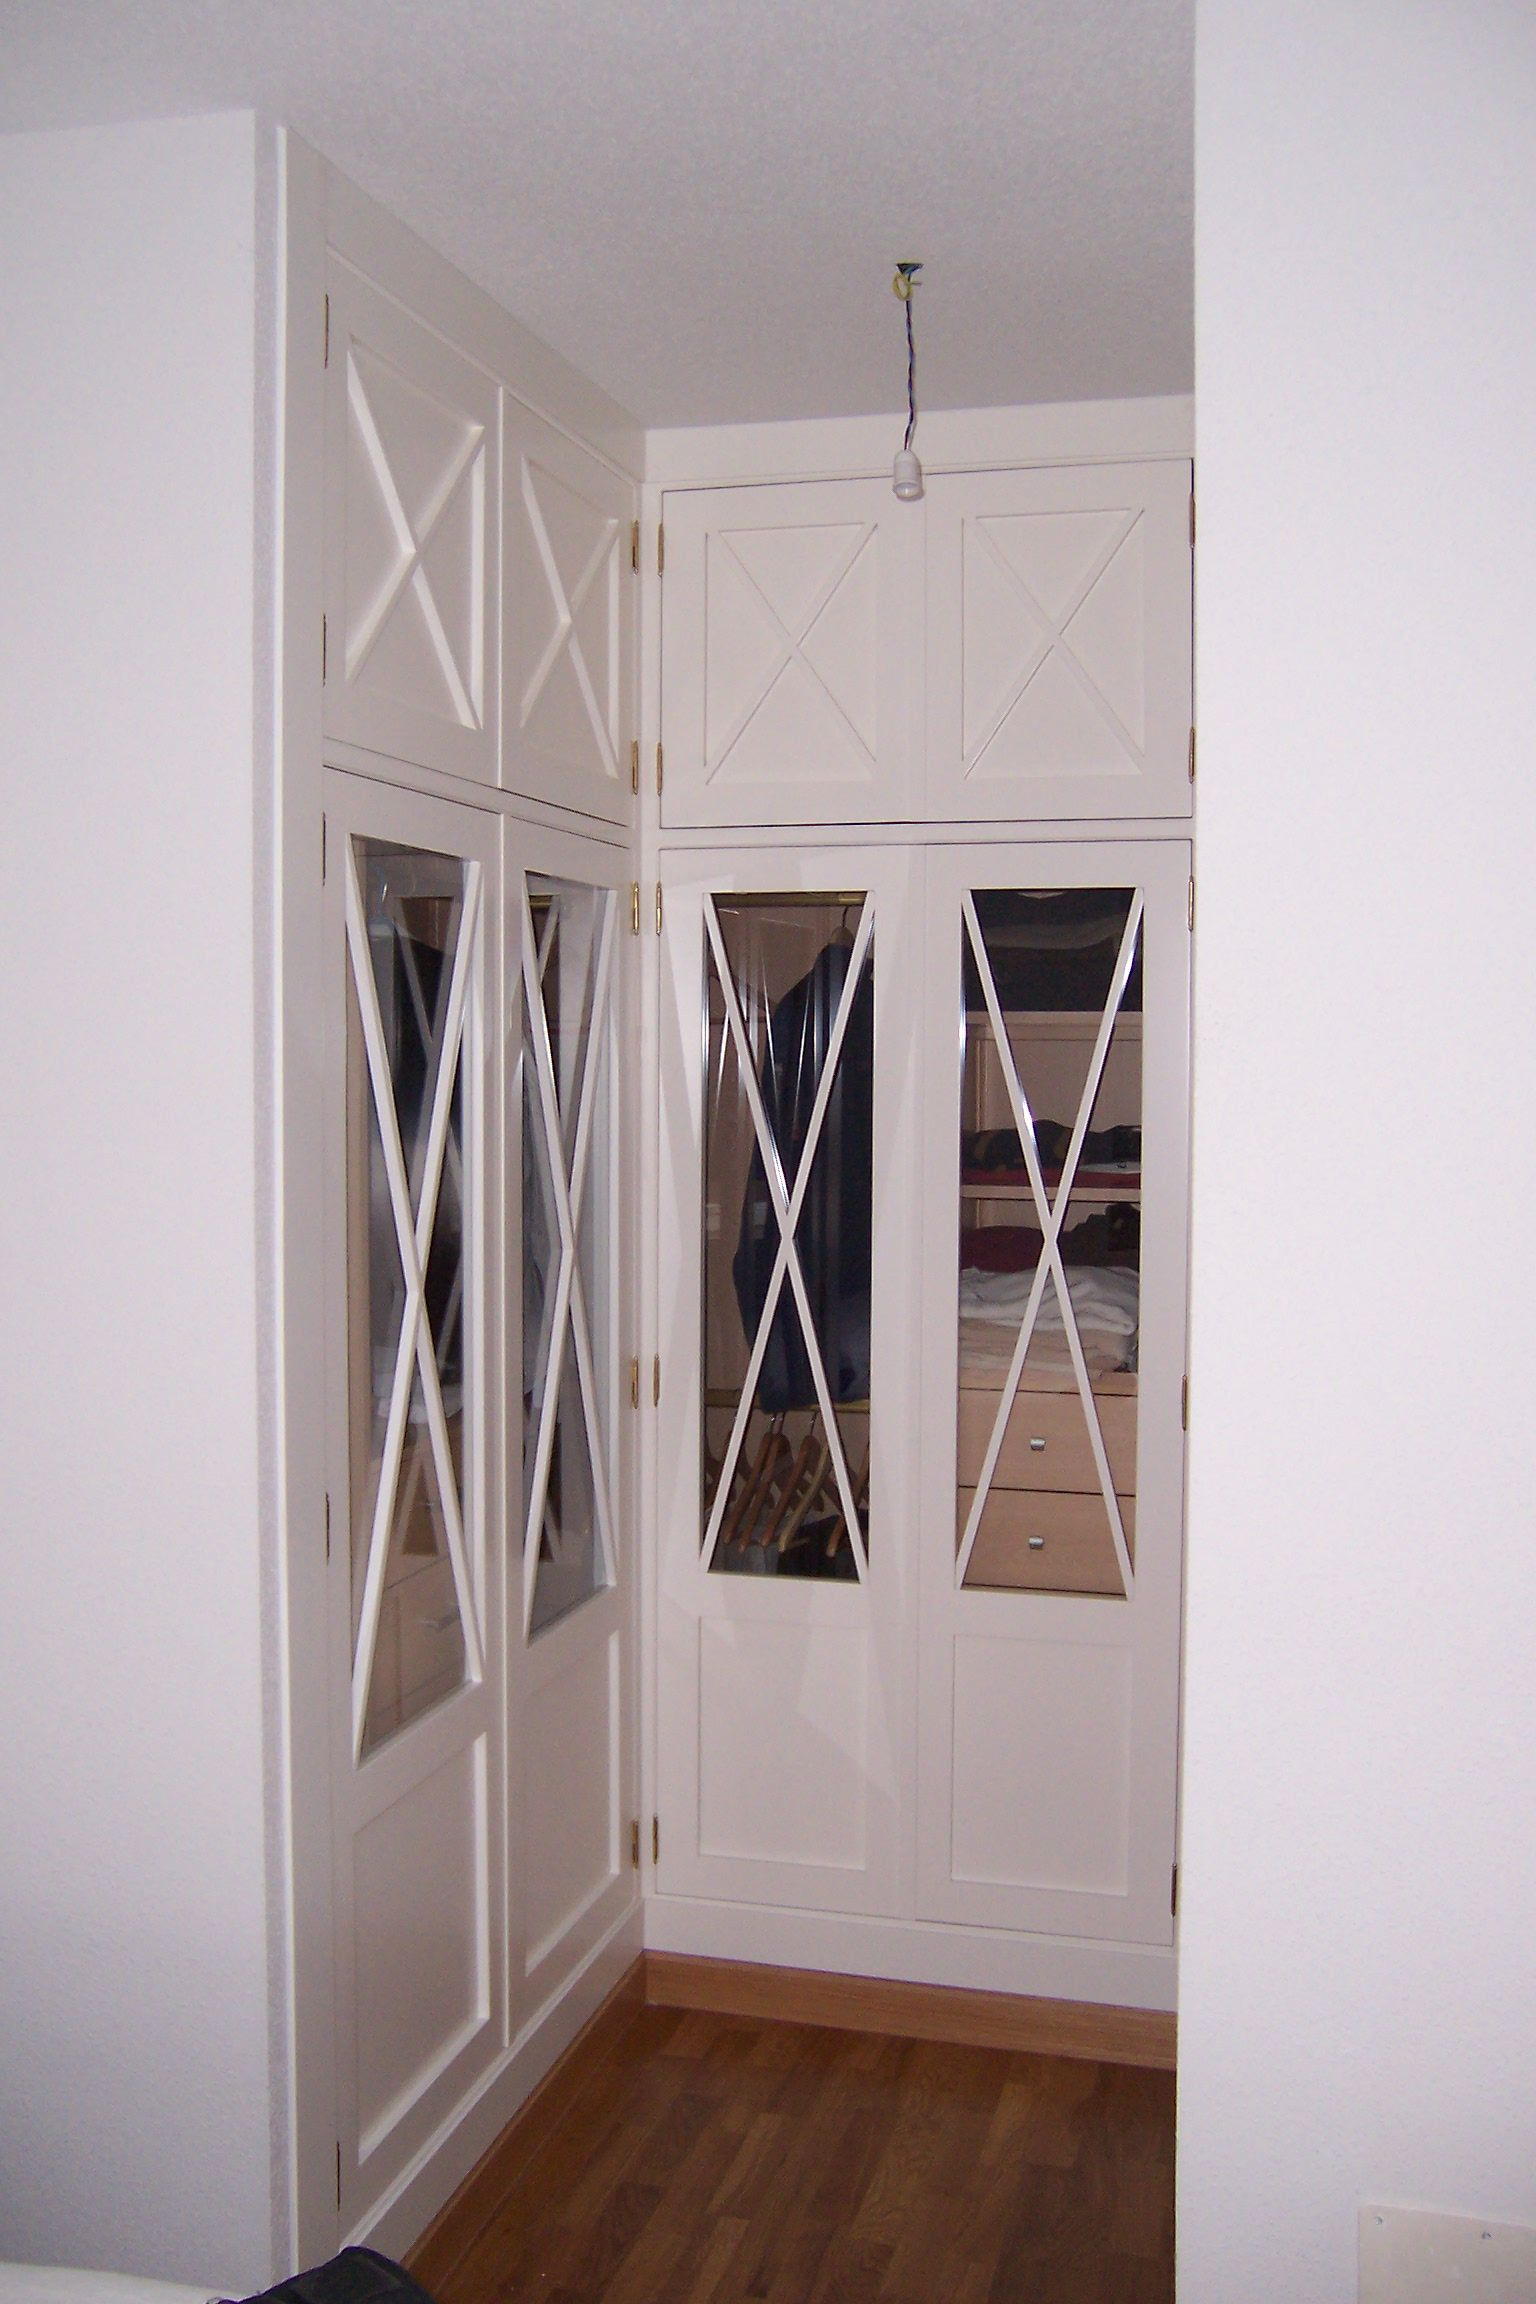 Armario en esquina con frente lacado en blanco y decoraci n con cruces interior en melamina de - Armarios de esquina a medida ...